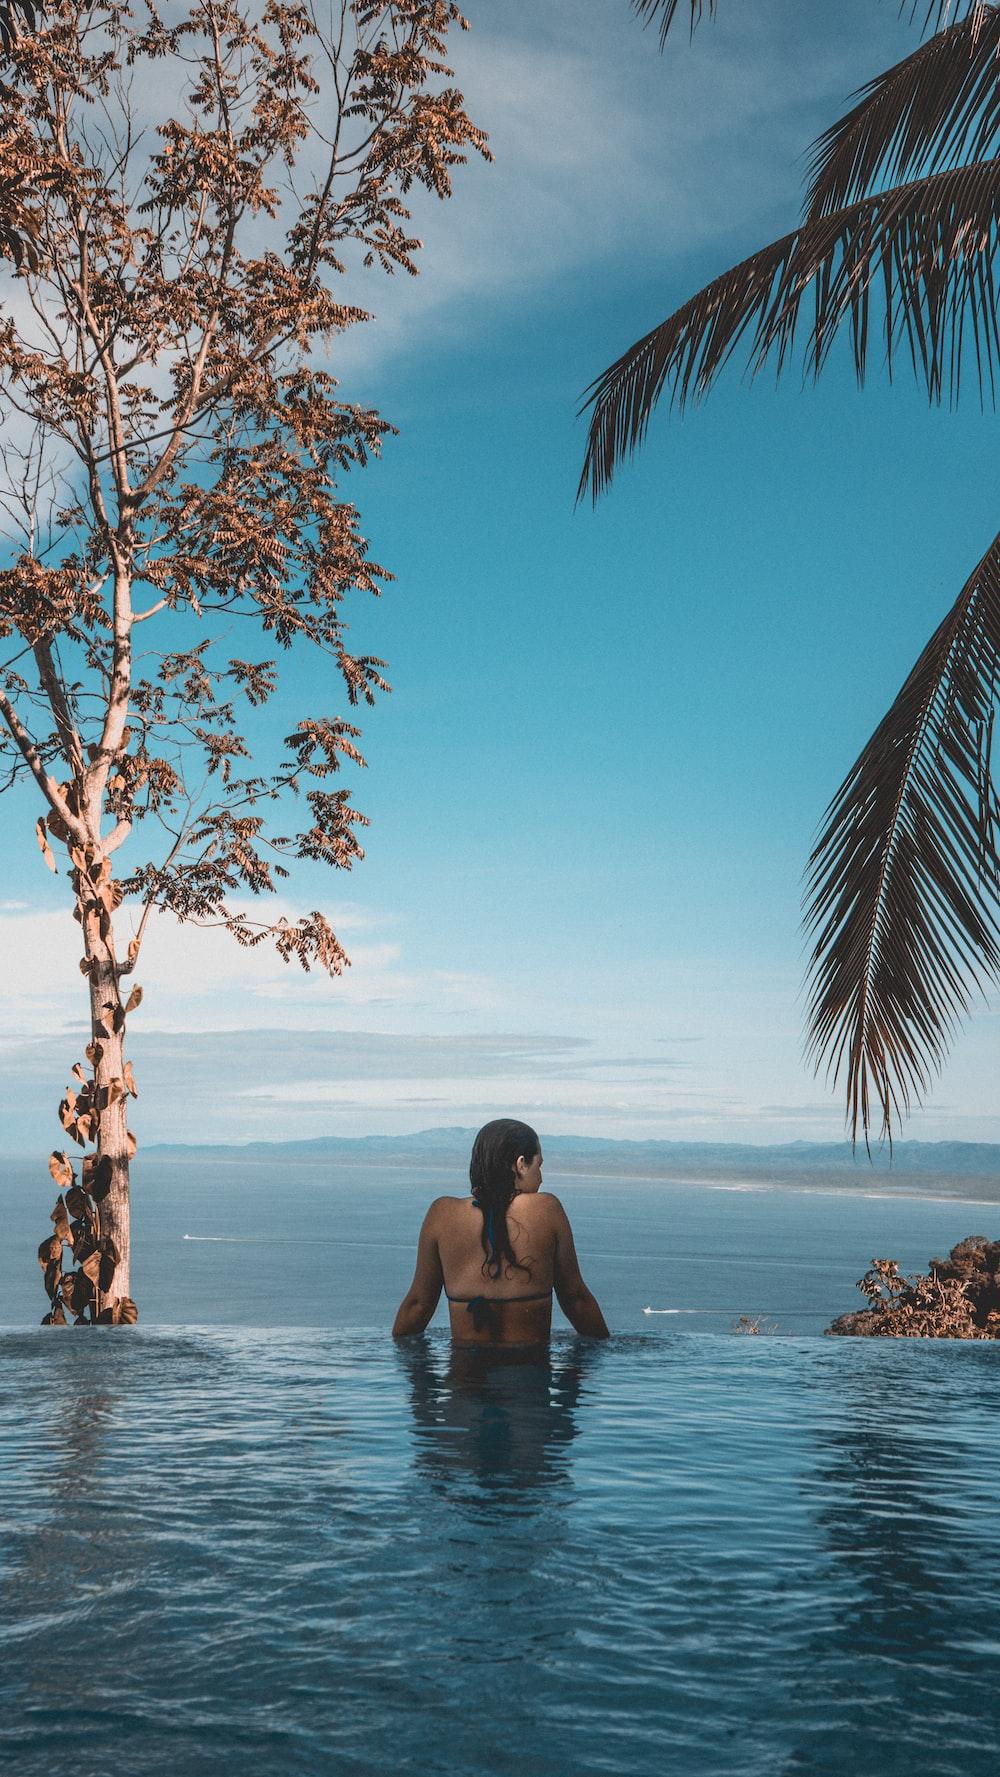 woman wearing black bikini tap swimming on body of water between trees